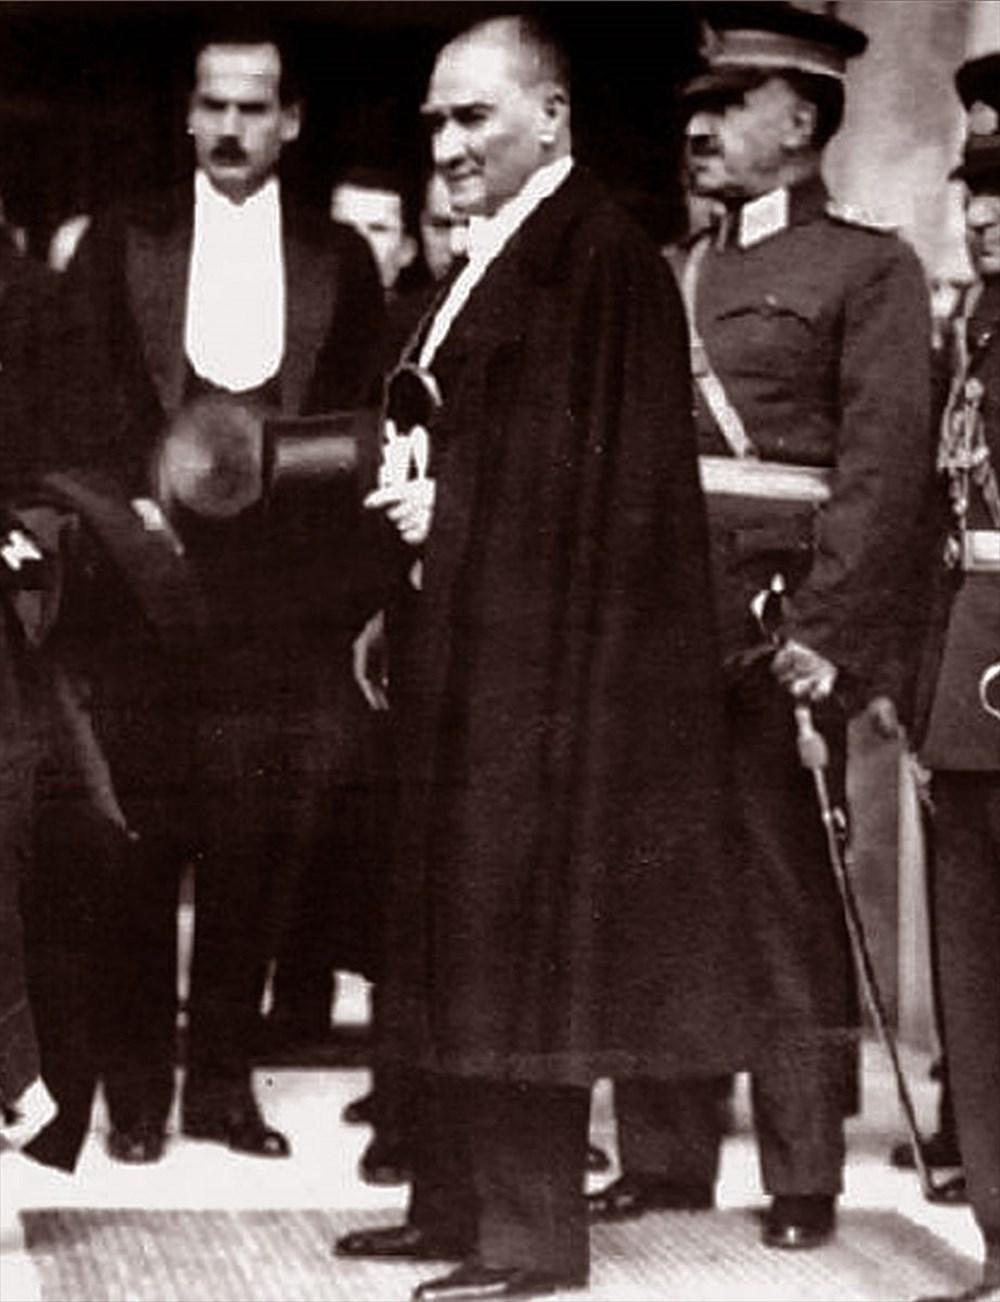 Türkiye Cumhuriyeti 97 yaşında (29 Ekim Cumhuriyet Bayramı) - 26